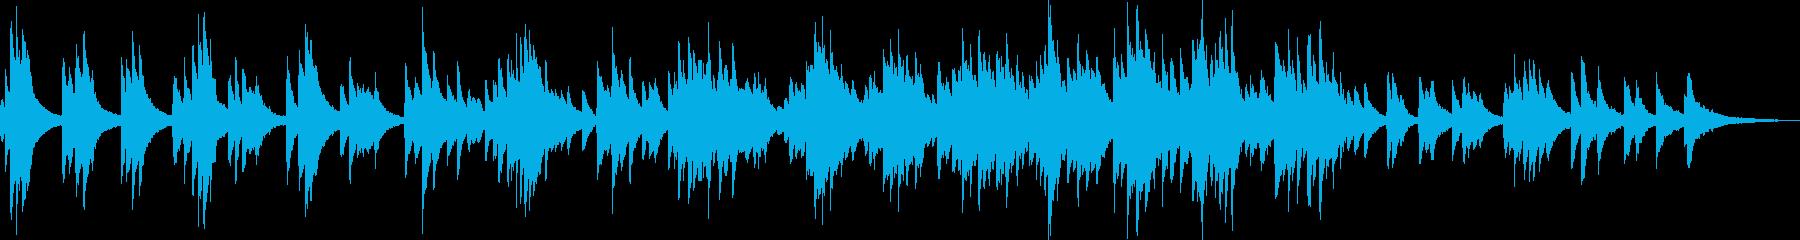 優しくて切ない感動的なピアノバラードの再生済みの波形